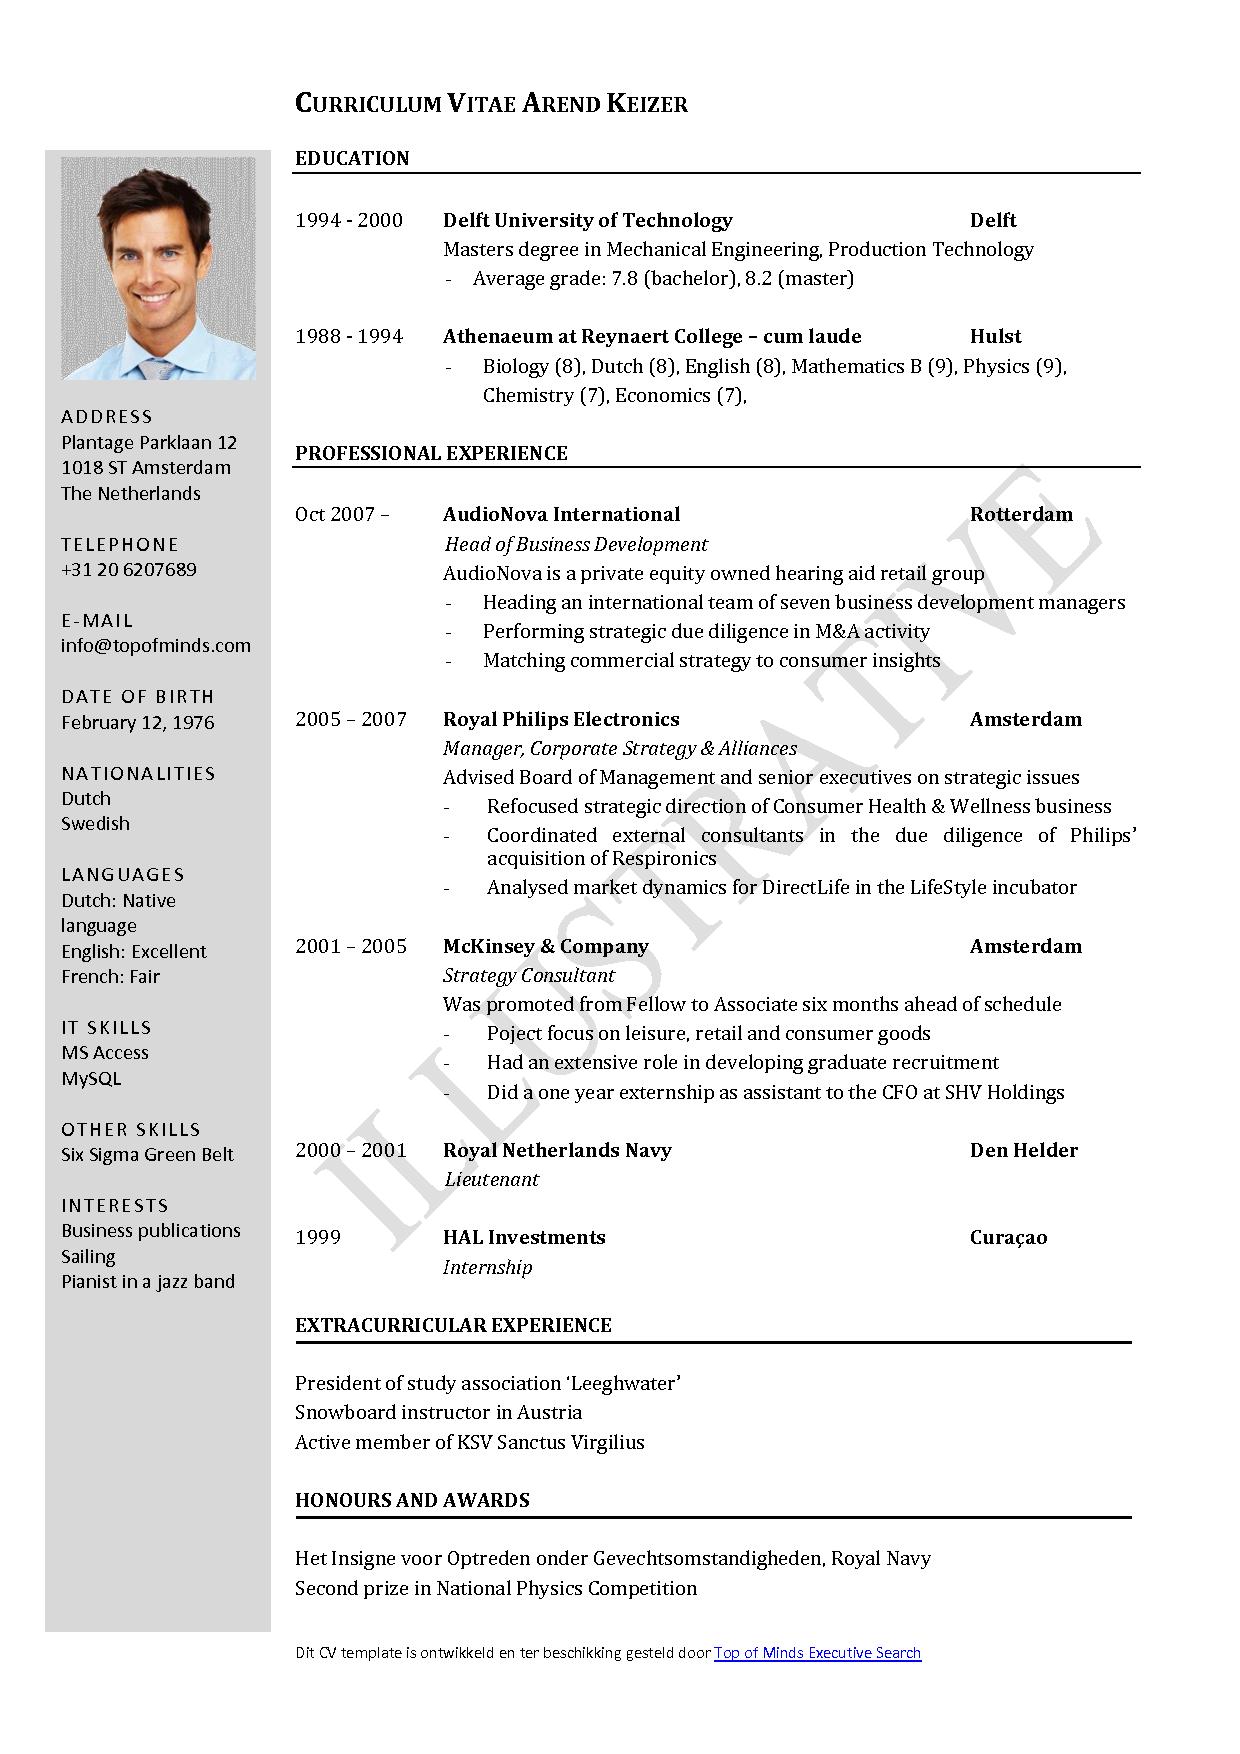 Resume Cv Free Download